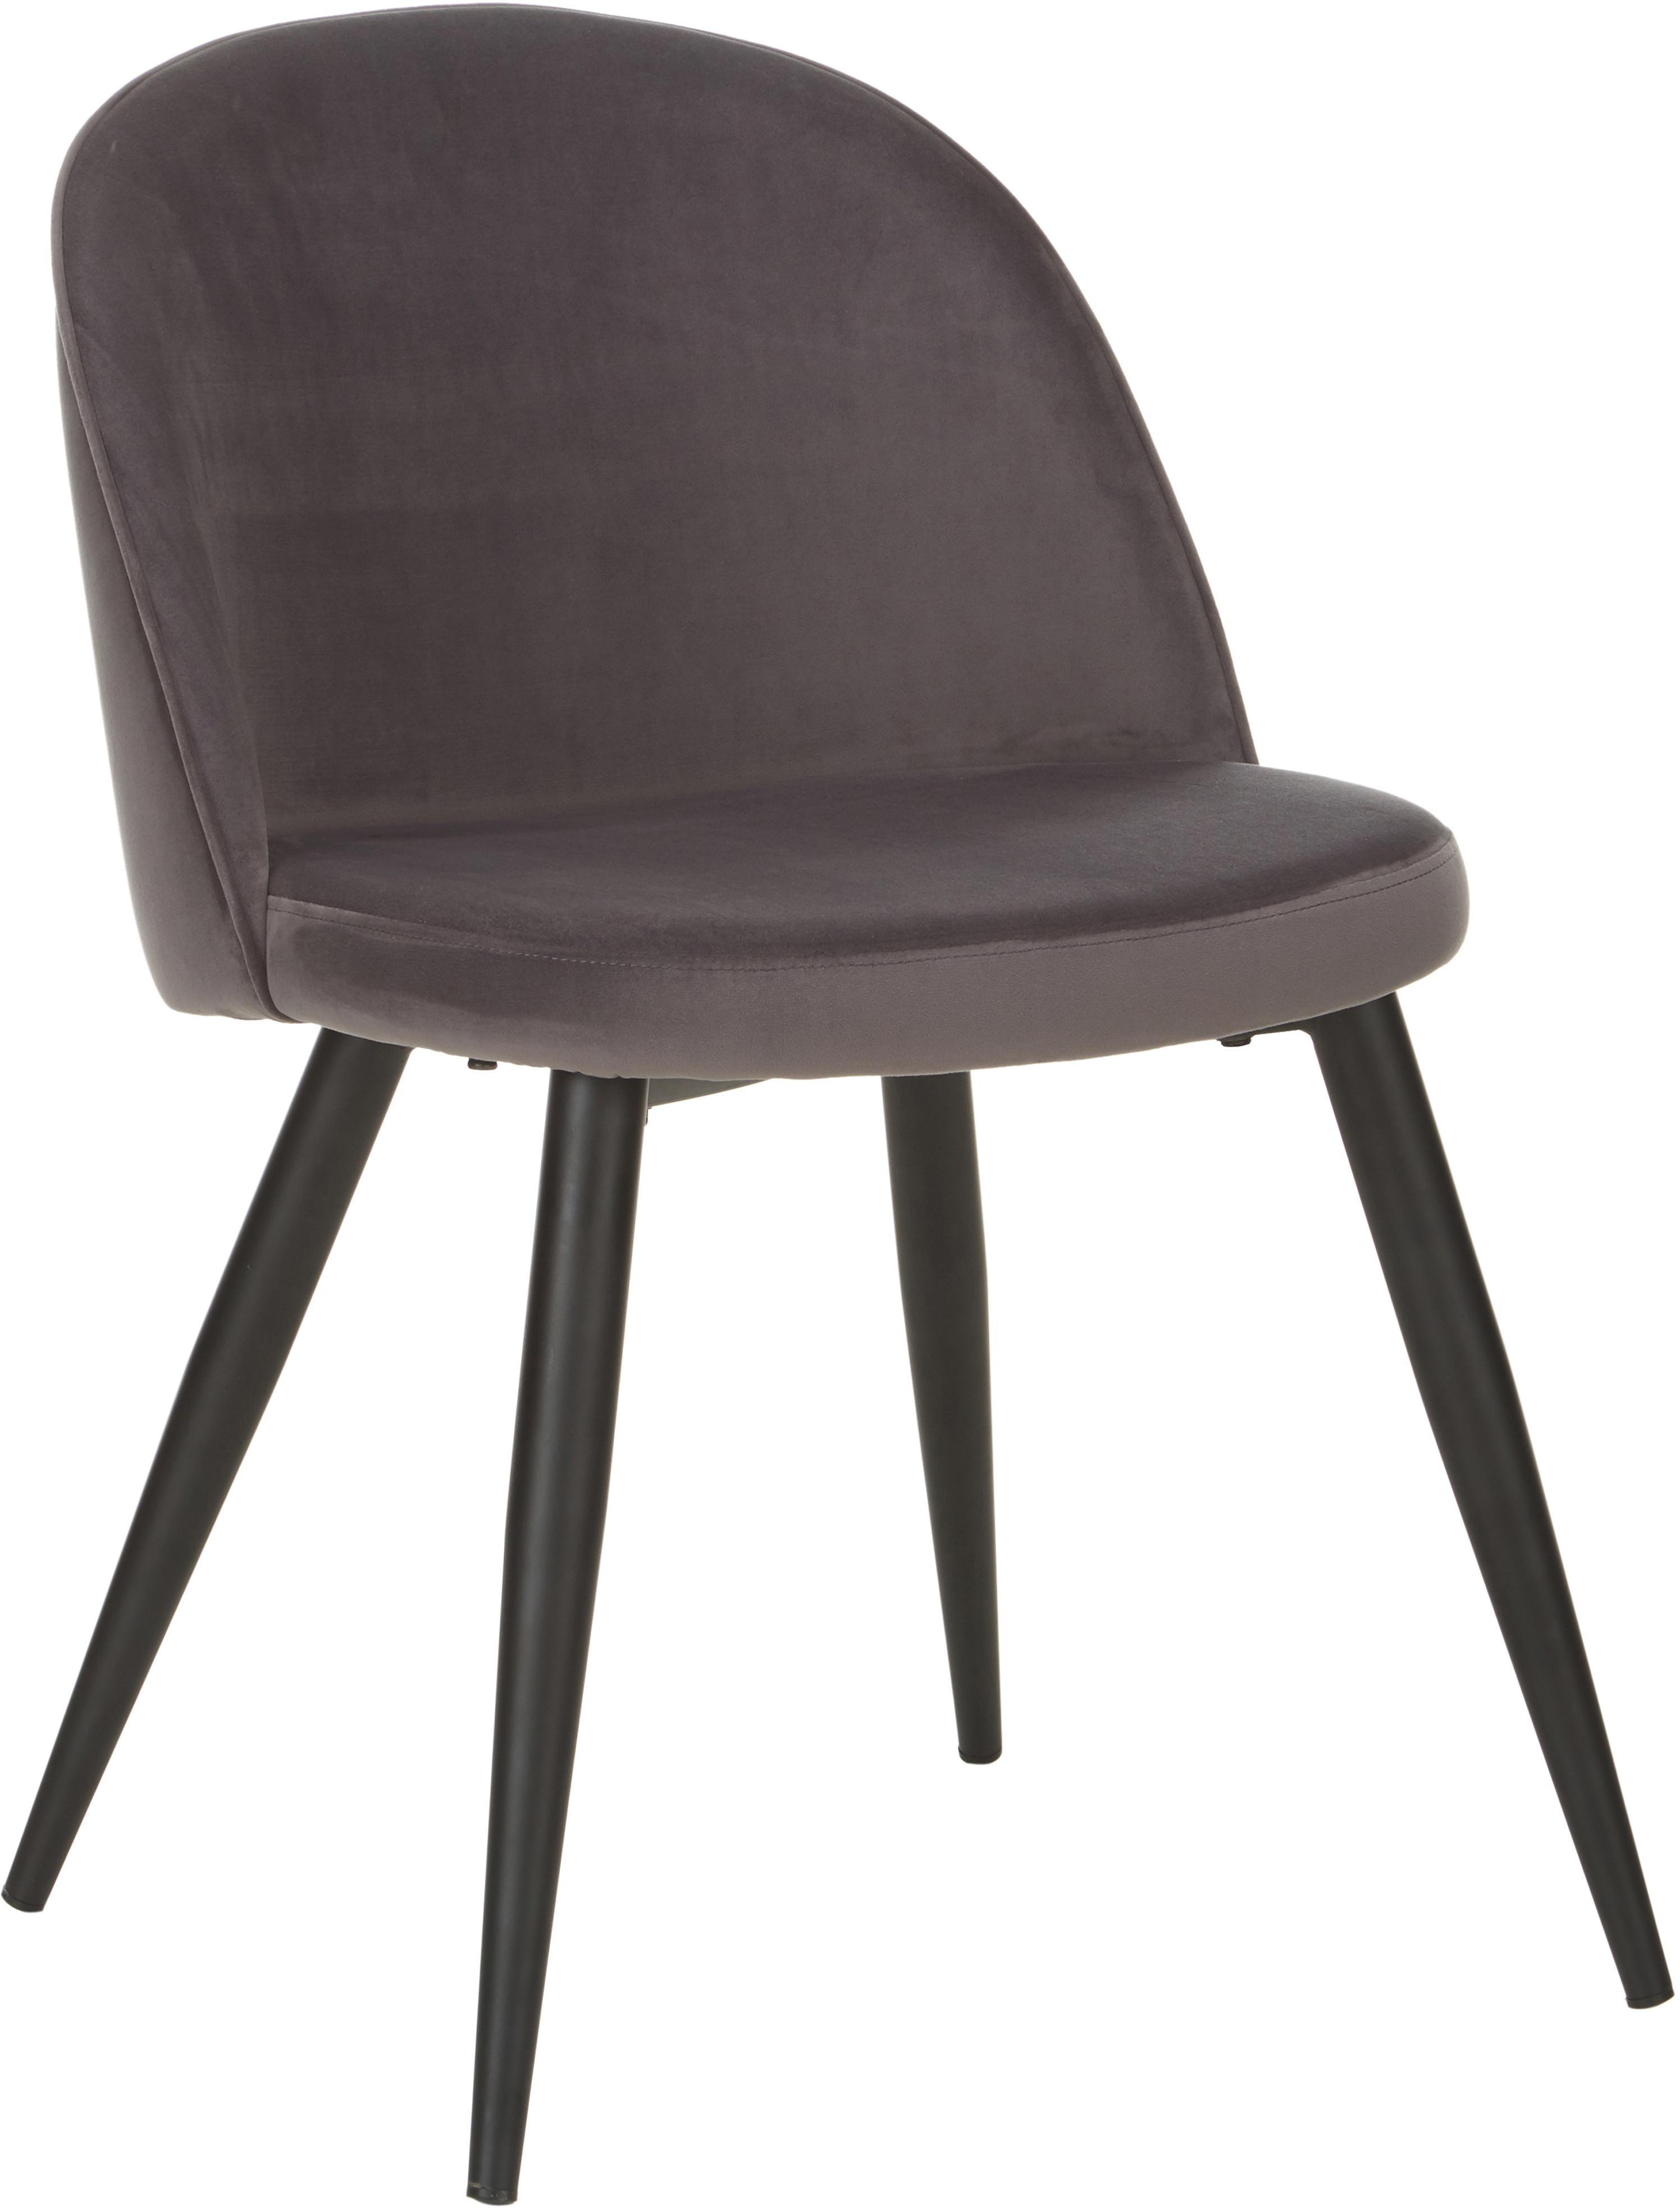 Sedia imbottita in velluto Amy 2 pz, Rivestimento: velluto (poliestere) 25.0, Gambe: metallo verniciato a polv, Grigio scuro, Larg. 51 x Prof. 55 cm